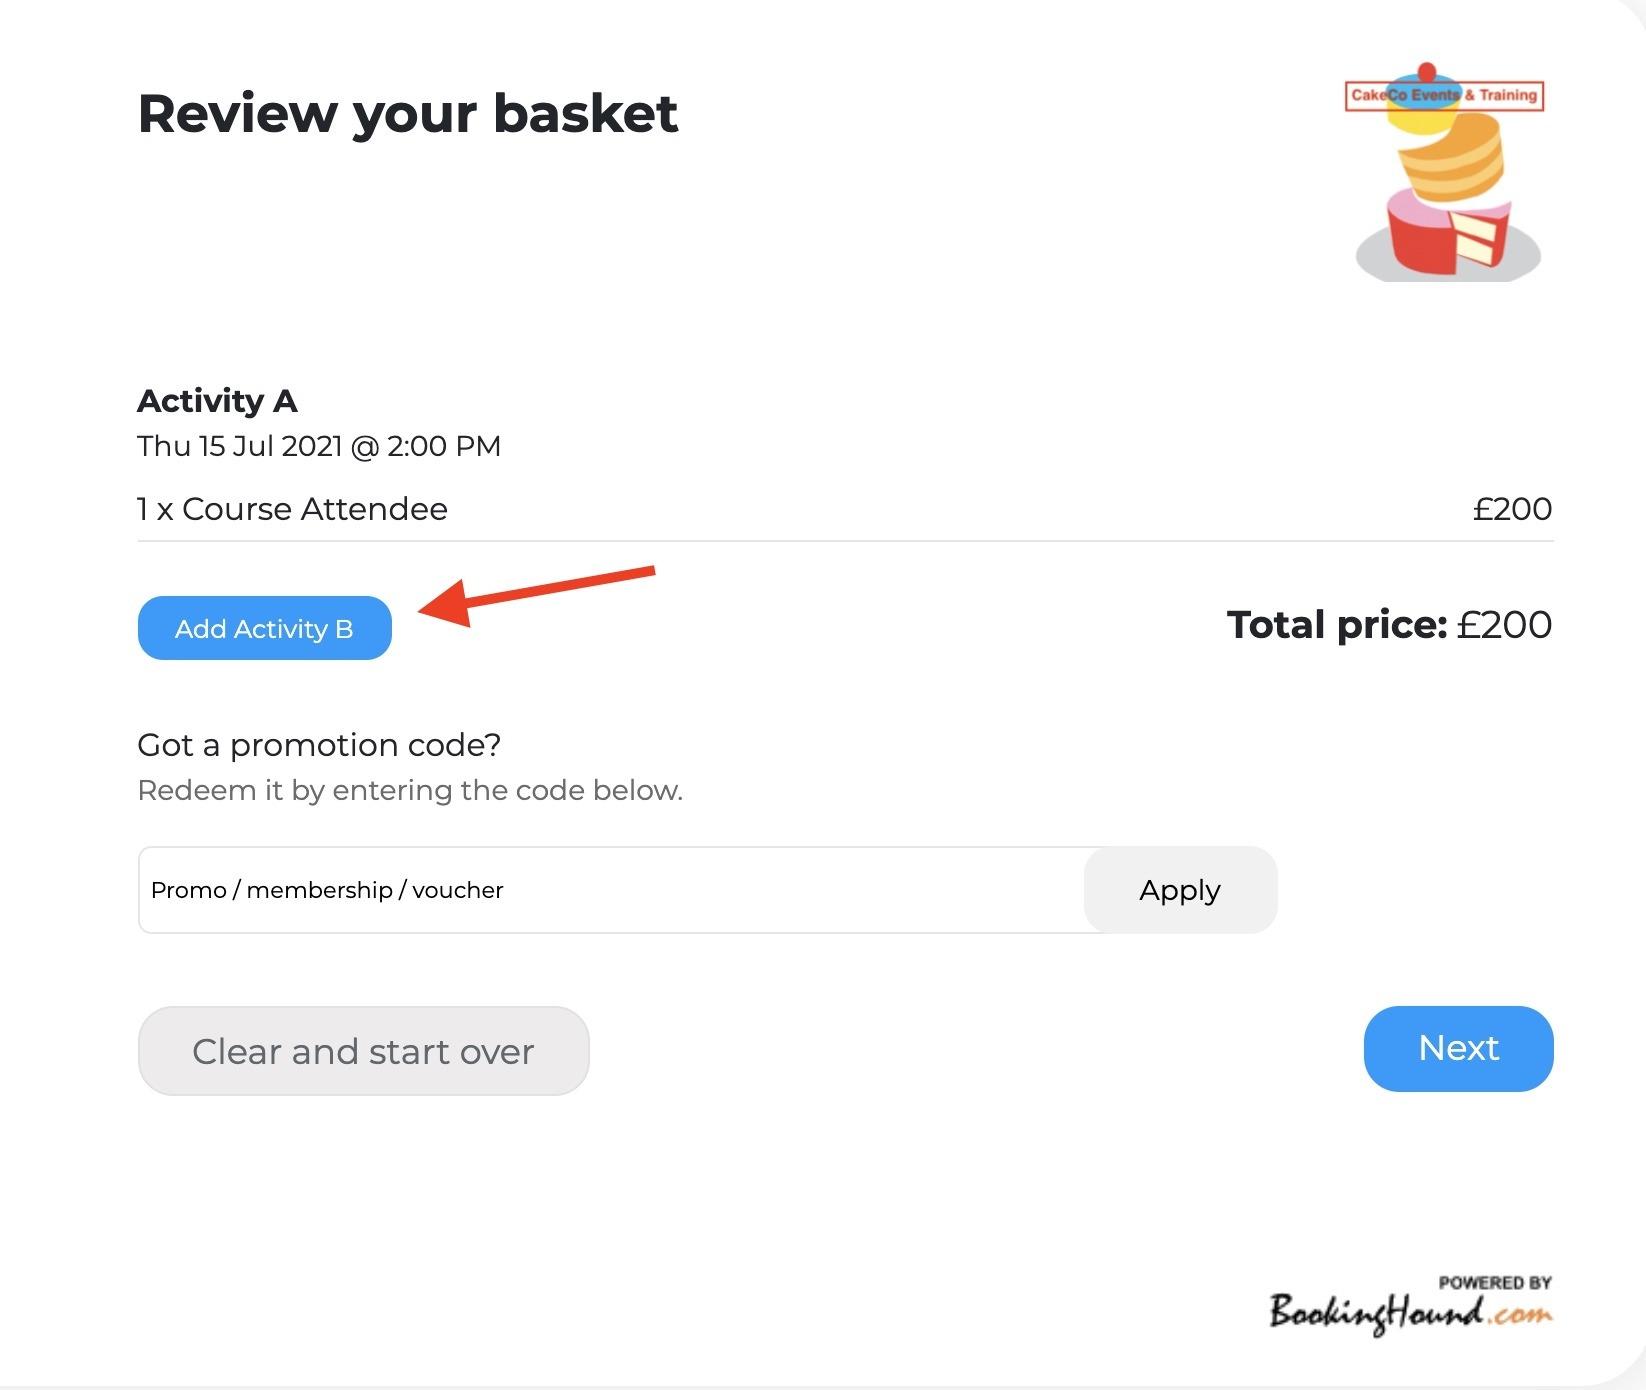 Review Your Basket Activities Screen